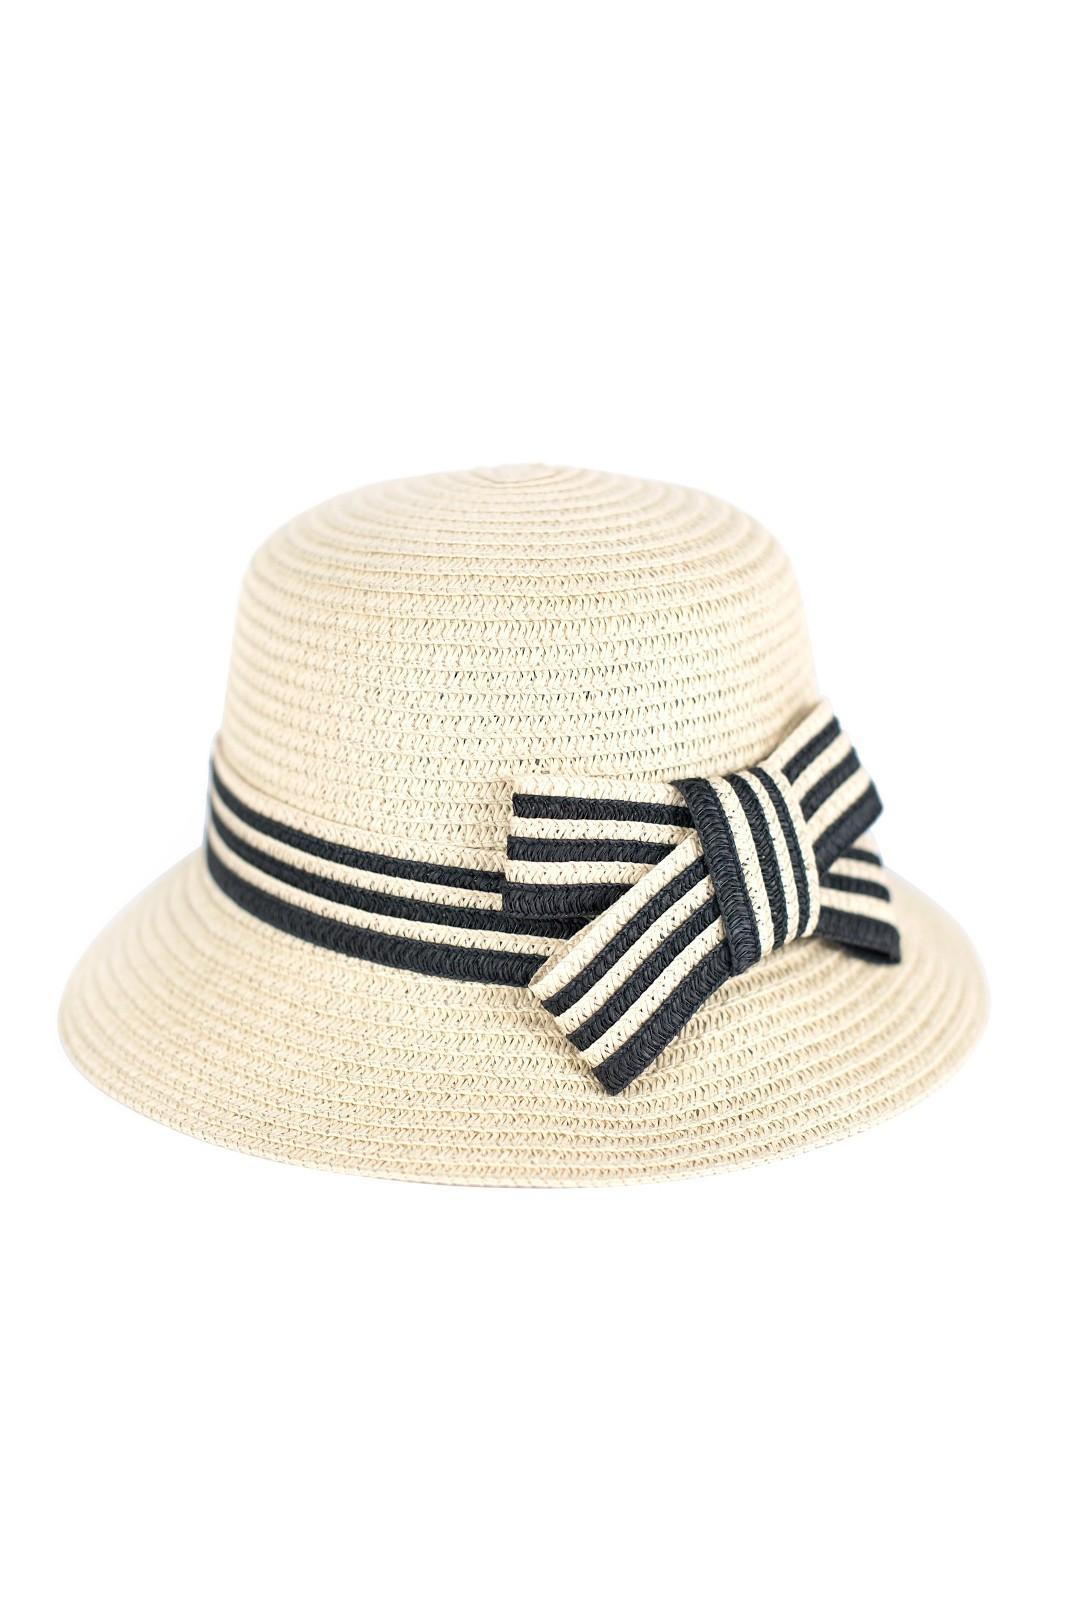 Dámský klobouk Art Of Polo 20113 Summer Walks světle růžová 55-56